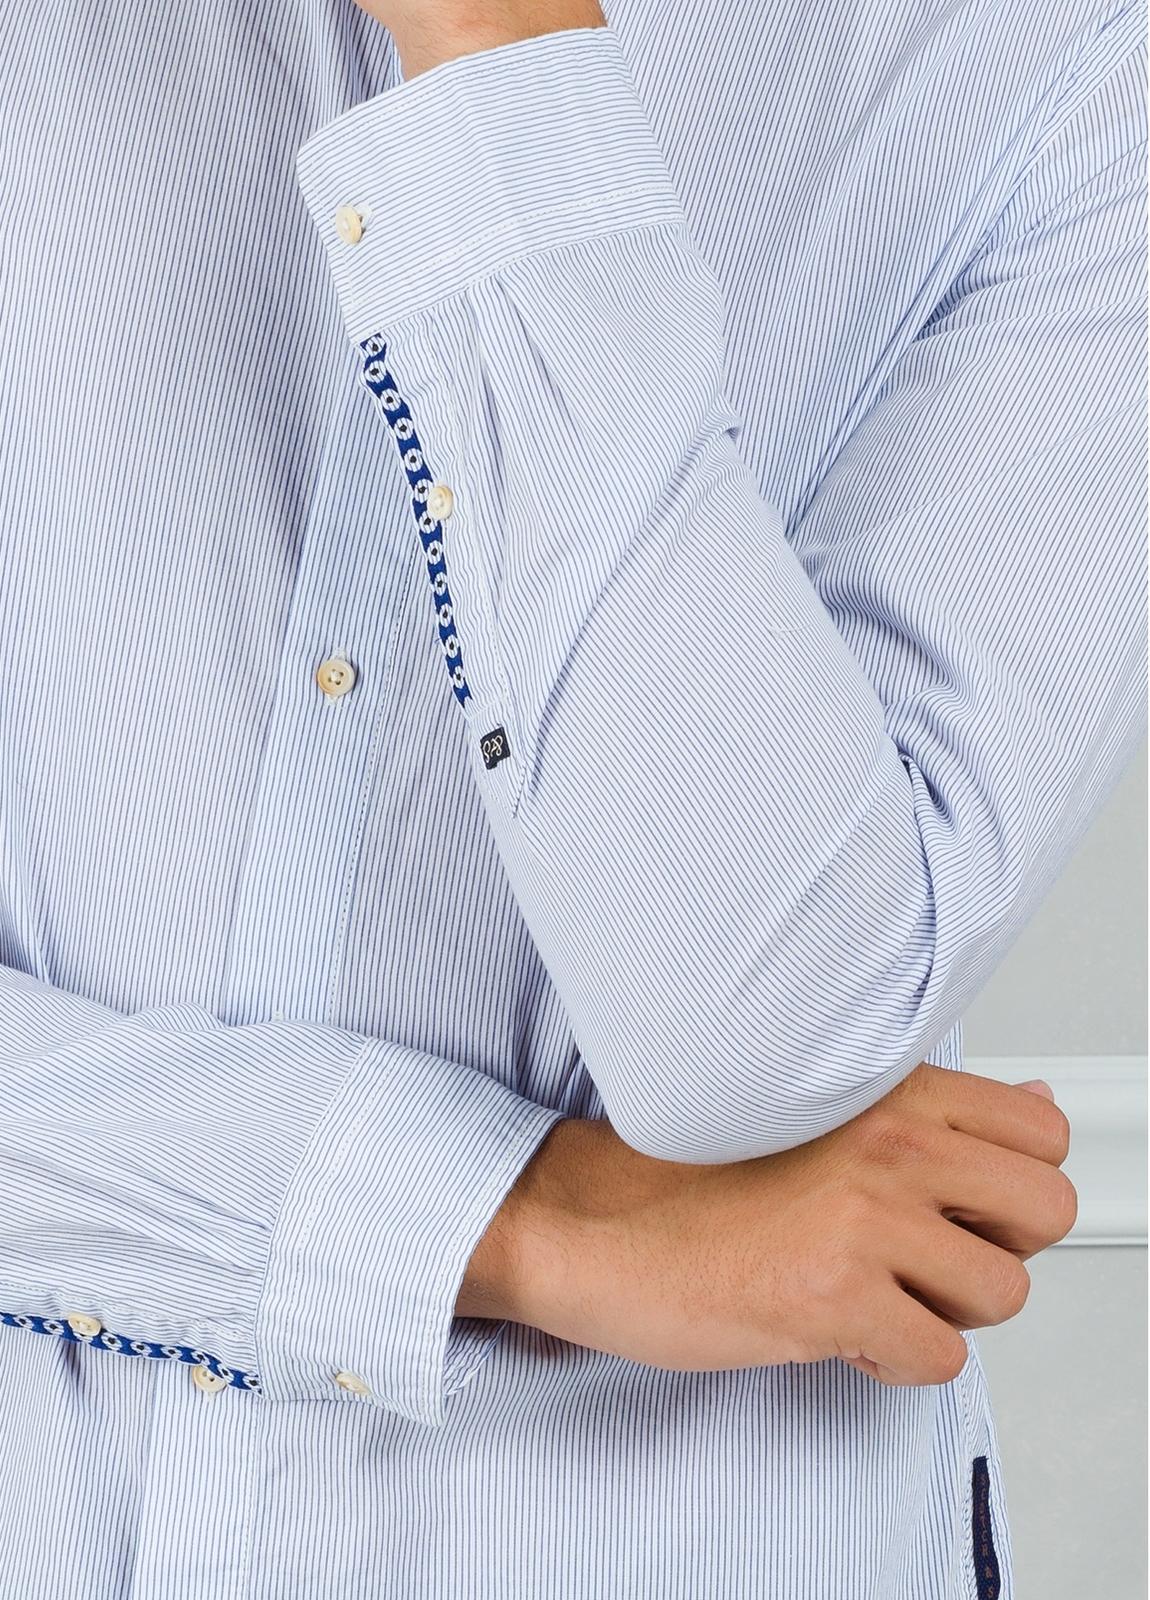 Camisa slim fit con dibujo de microrayas, color celeste. 100% Algodón. - Ítem1